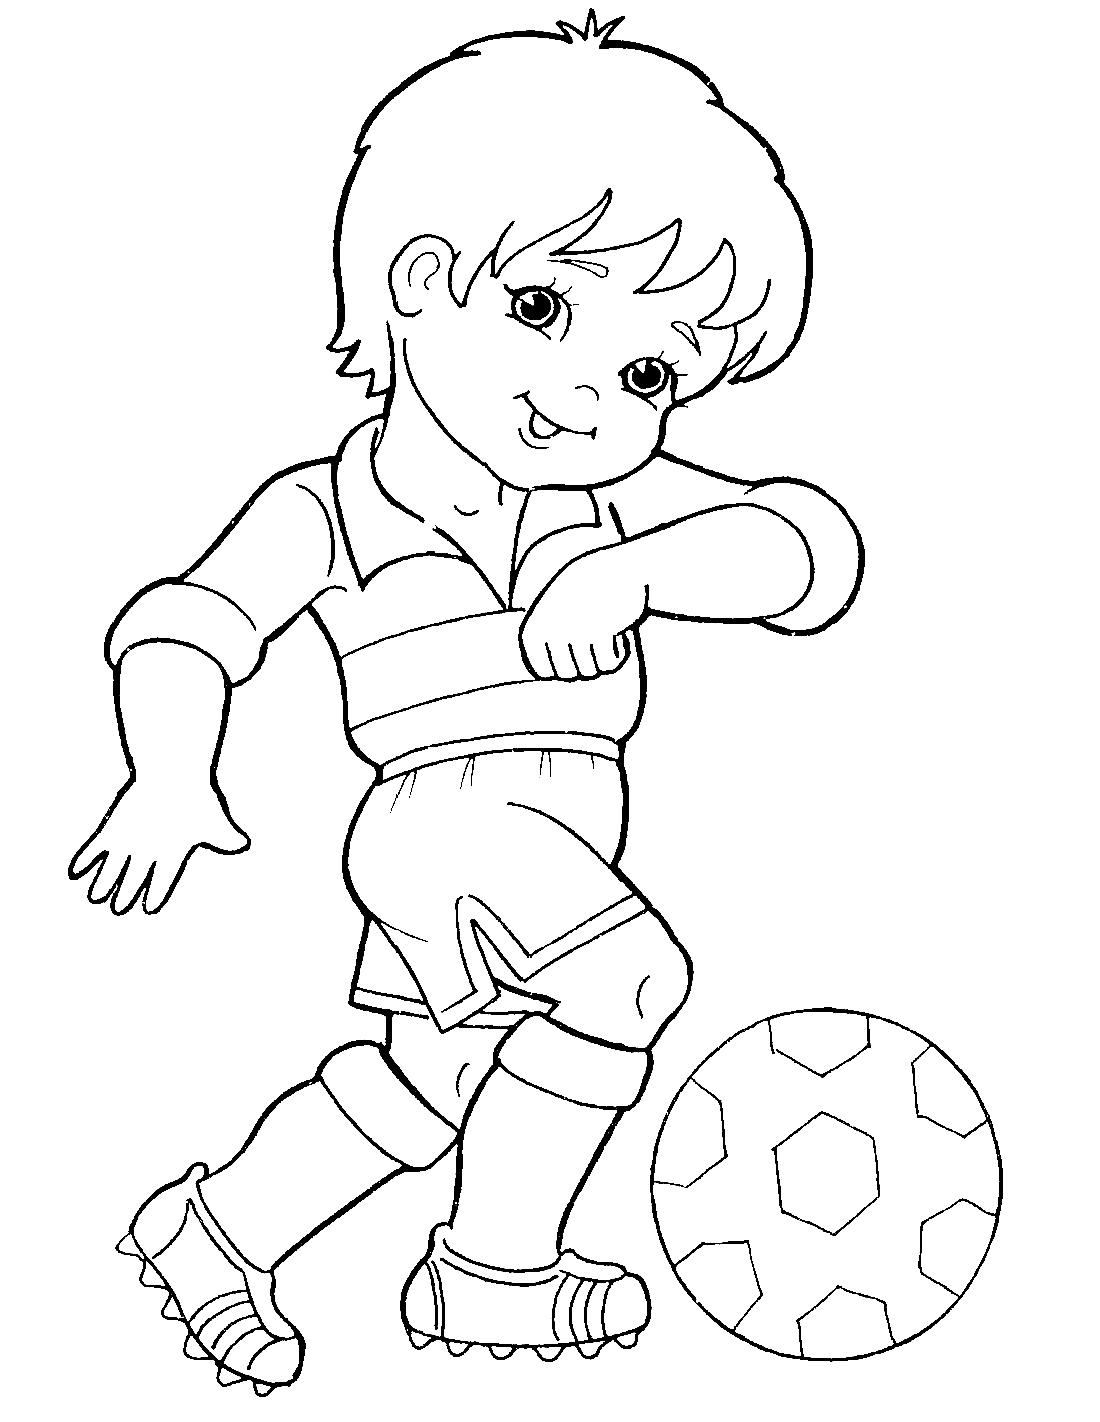 юный спортсмен раскраска 6626 Printonic Ru